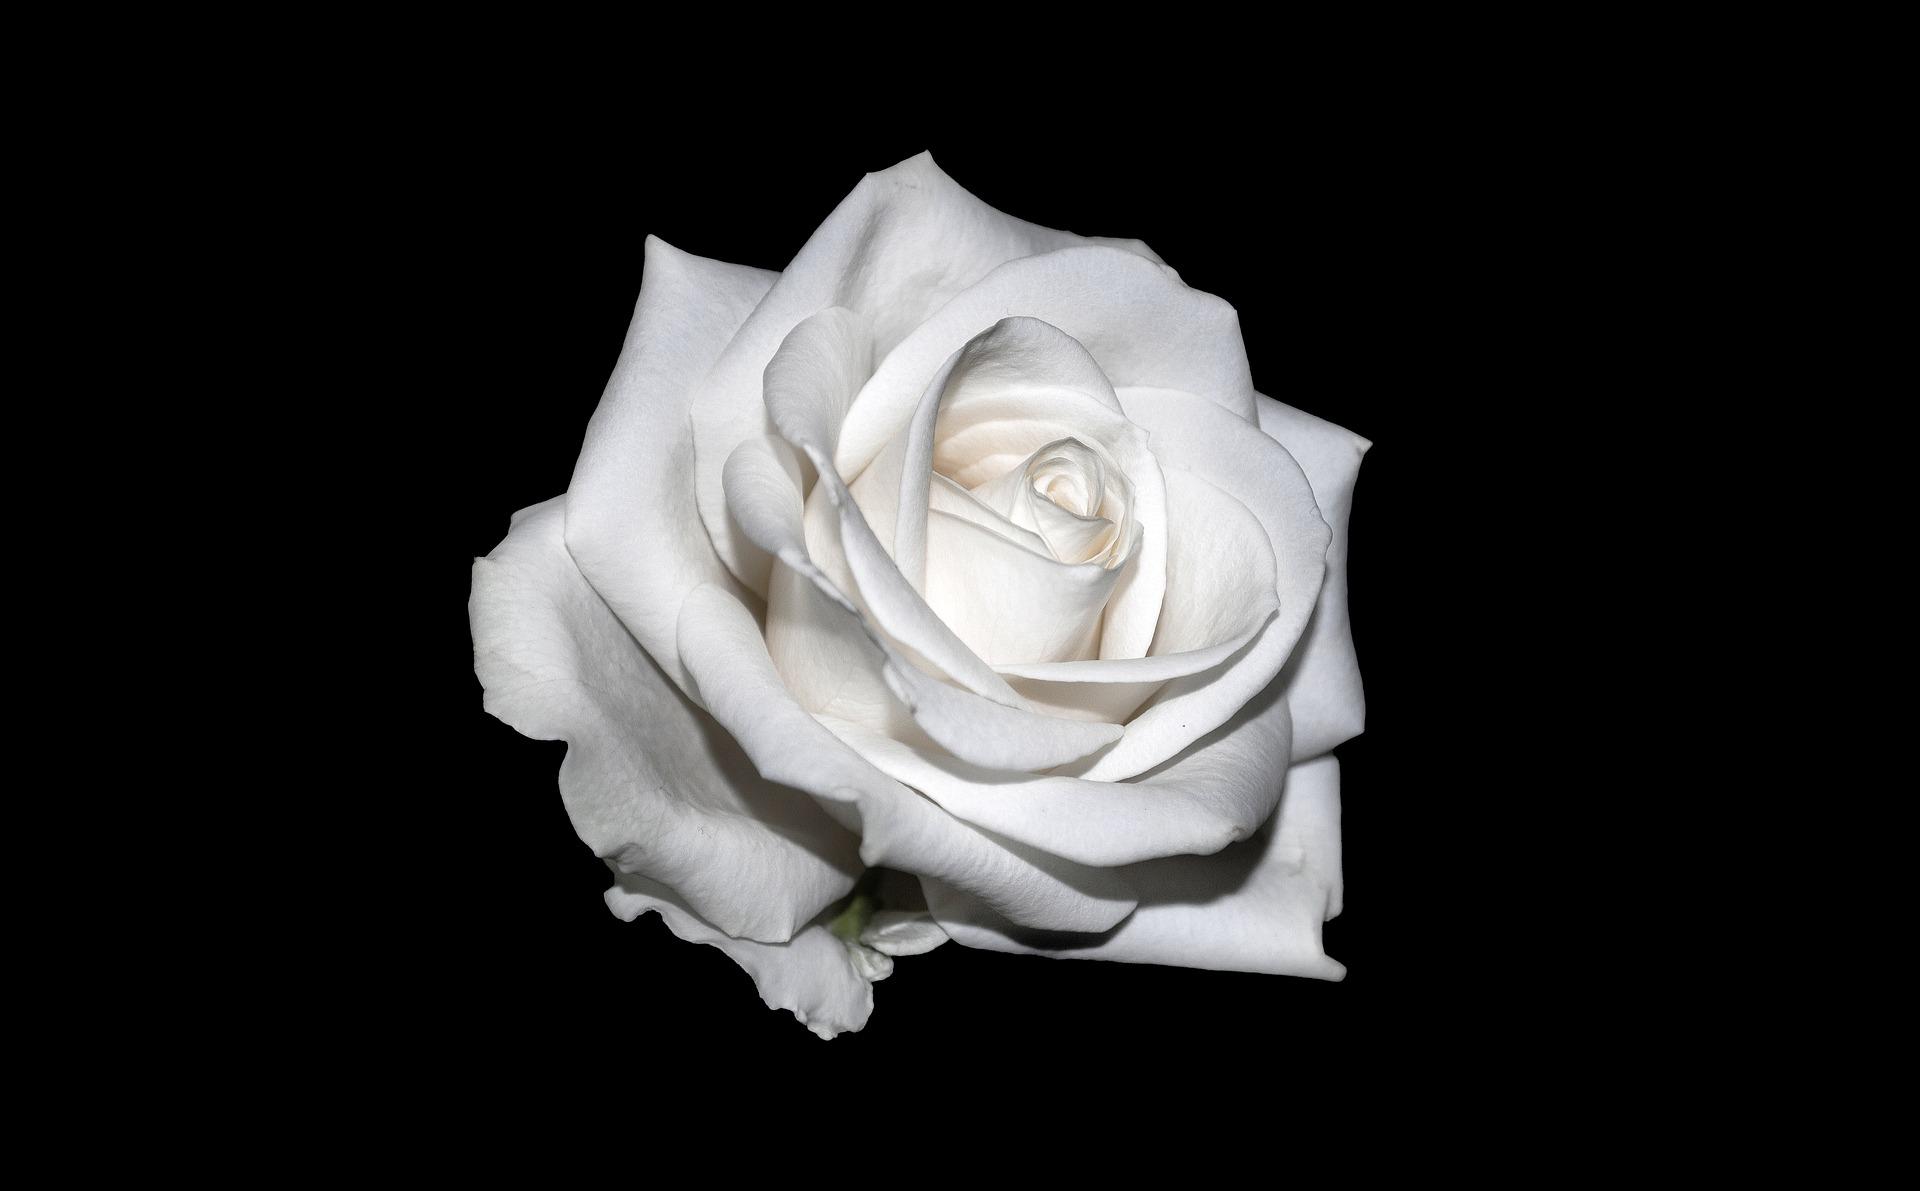 Weiße Rose nannte sich eine in ihrem Kern von Studenten dominierte, sich wesentlich auf christliche und humanistische Werte aus der Tradition der bündischen Jugend berufende deutsche Widerstandsgruppe gegen die Diktatur des Nationalsozialismus.